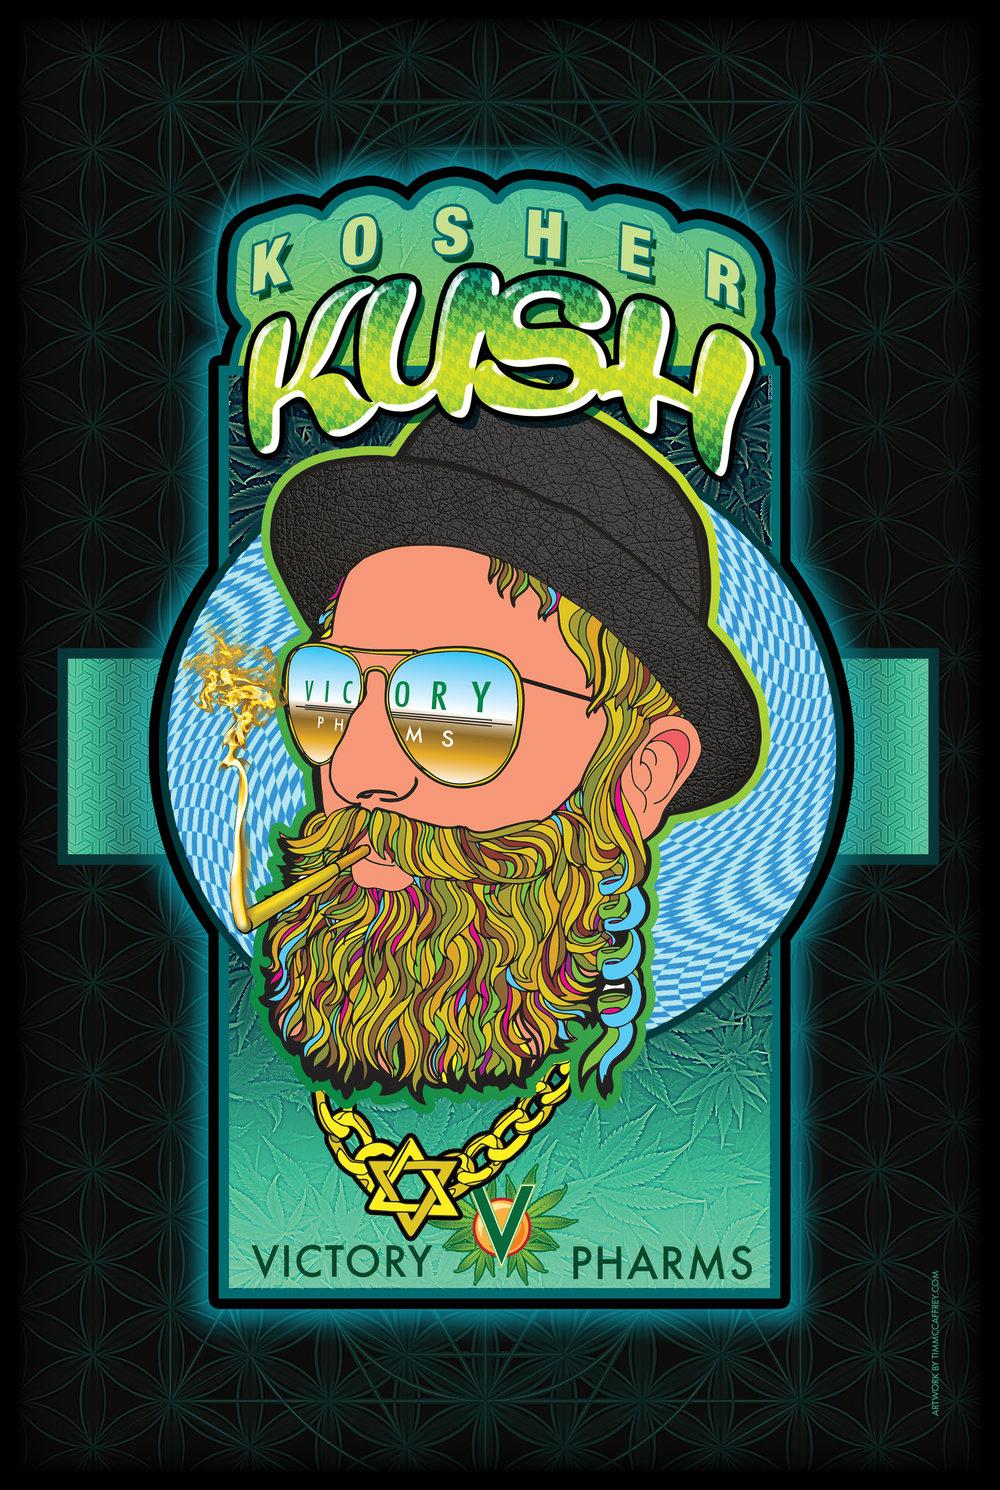 12-18-Koshur-Kush.jpg